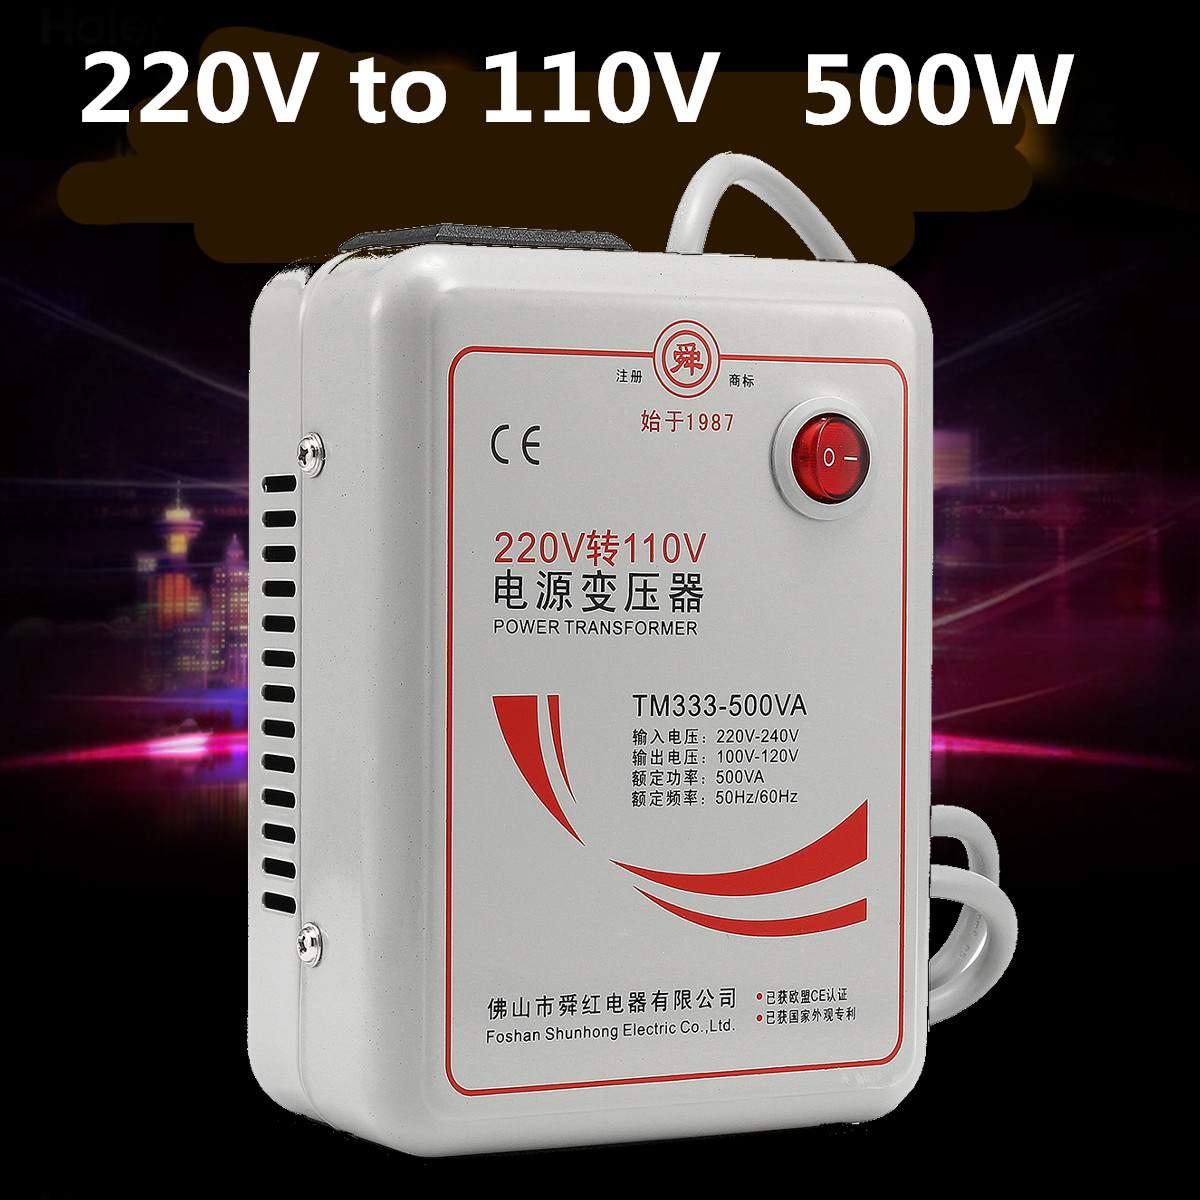 Onduleur Chargeur AC 220 v à 110 v Transformateur de Tension Step Down Converter Convertisseur de Tension 500 Watts Adaptateur Cuivre Pur bobine